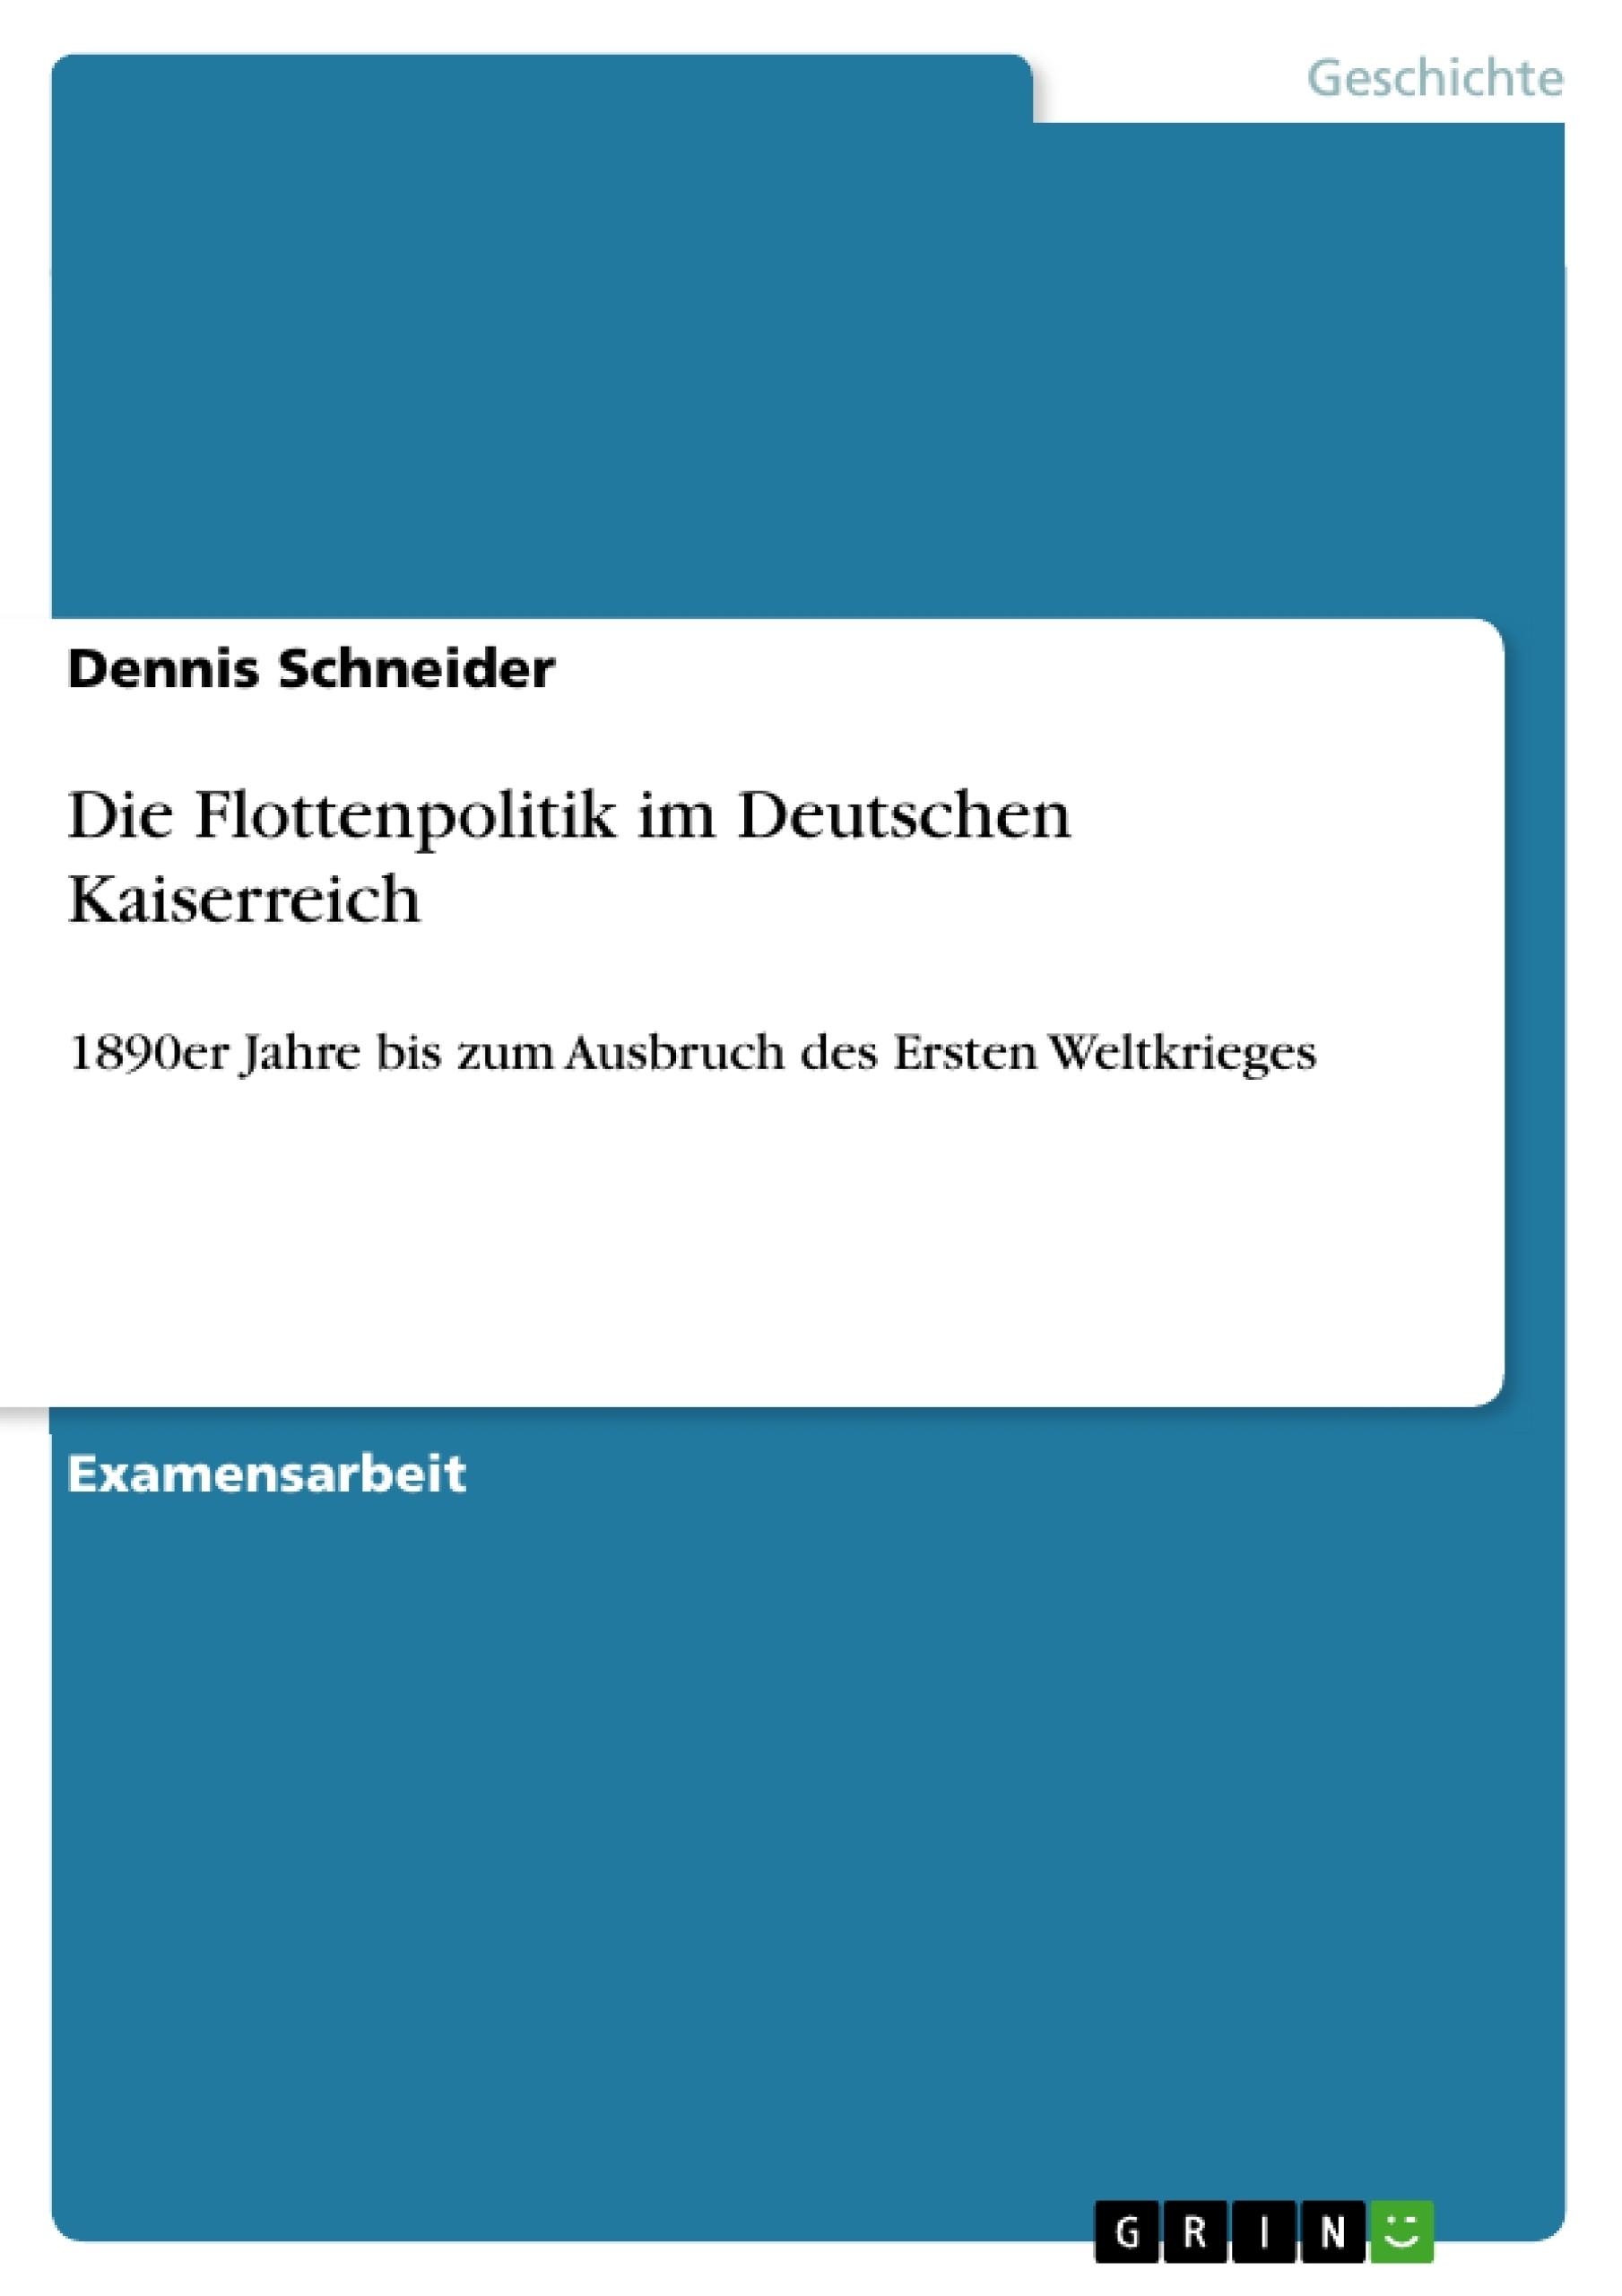 Titel: Die Flottenpolitik im Deutschen Kaiserreich